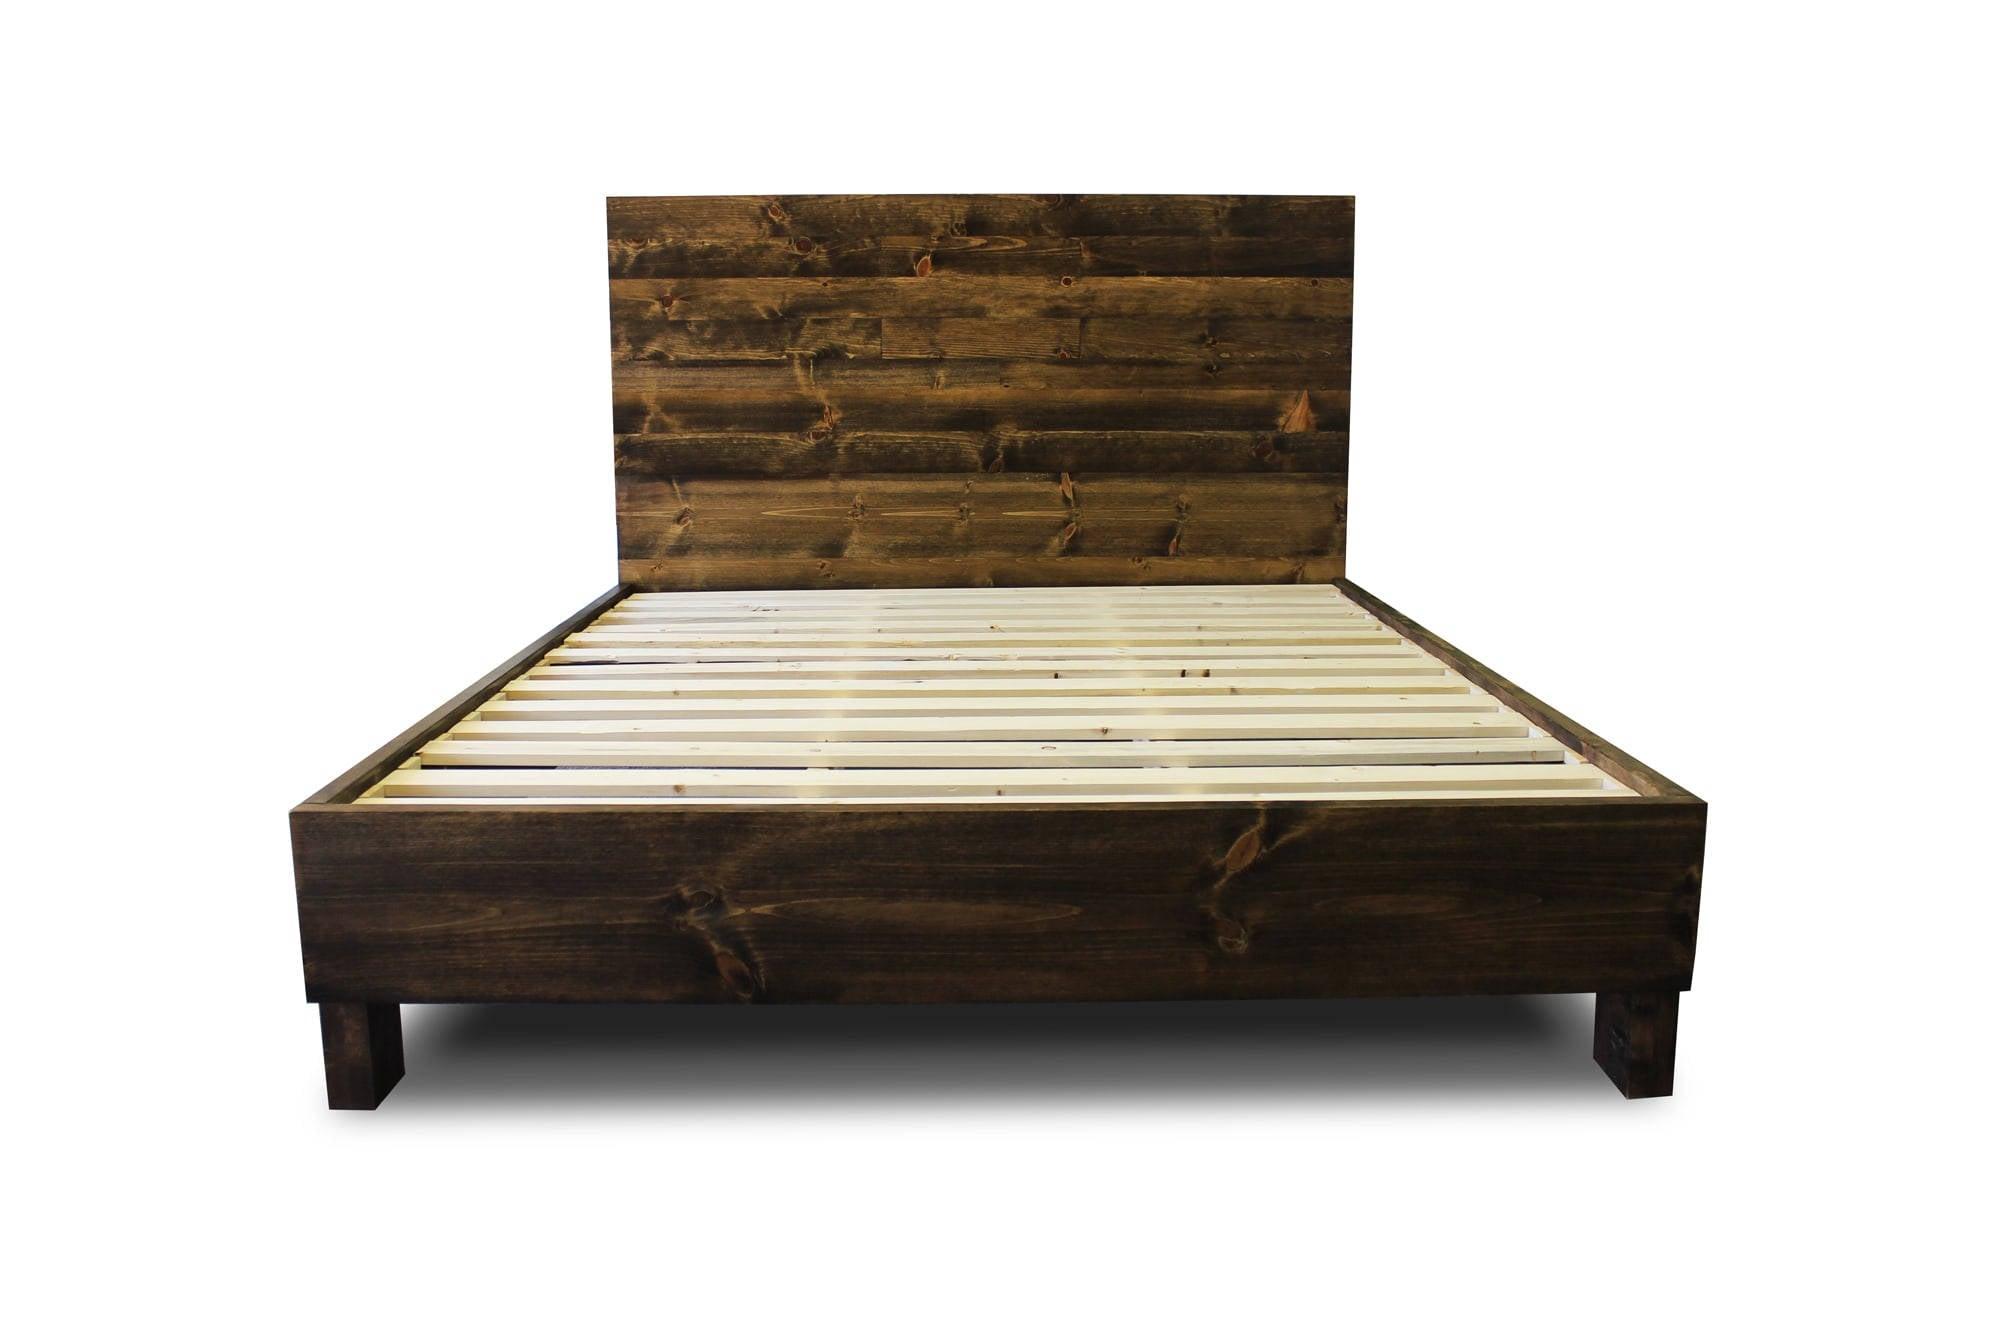 rustic solid wood platform bed frame headboard reclaimed. Black Bedroom Furniture Sets. Home Design Ideas